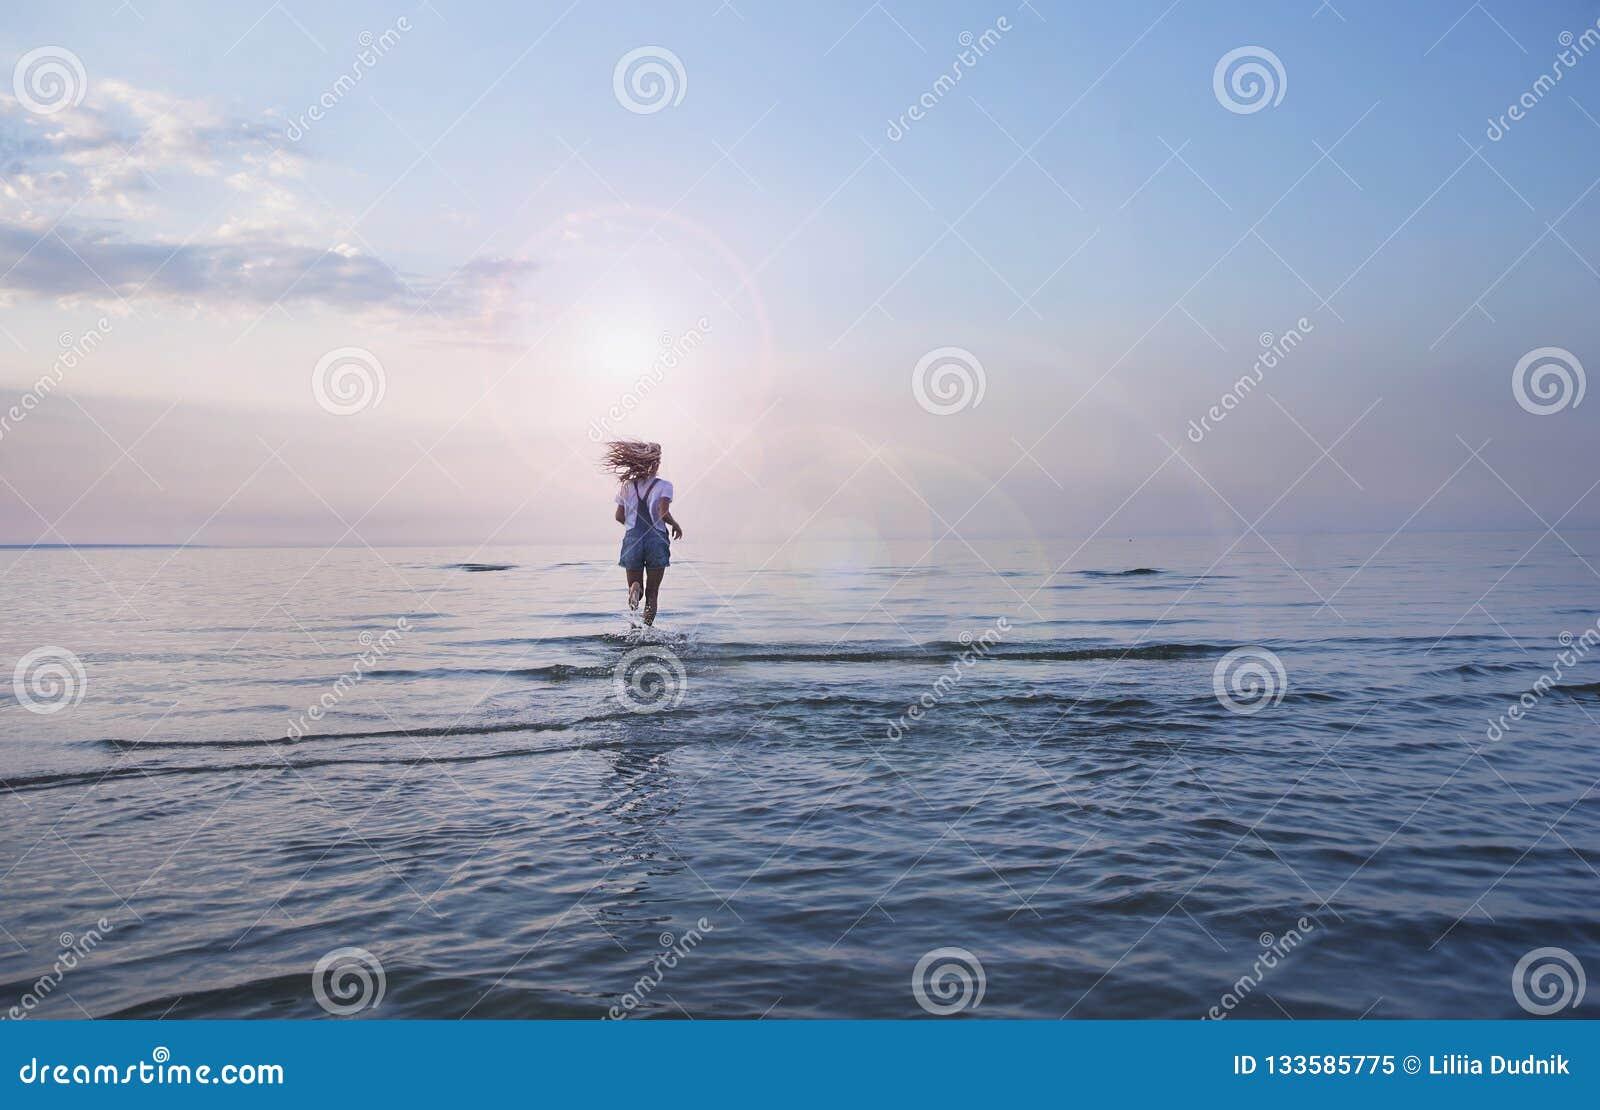 Νέο κατάλληλο γυναικών σε μια παραλία στο μπικίνι στο Μπαλί Τρέξιμο υπαίθριο ή επίλυση Κατάλληλη γυναίκα που τρέχει στην κενή ωκε